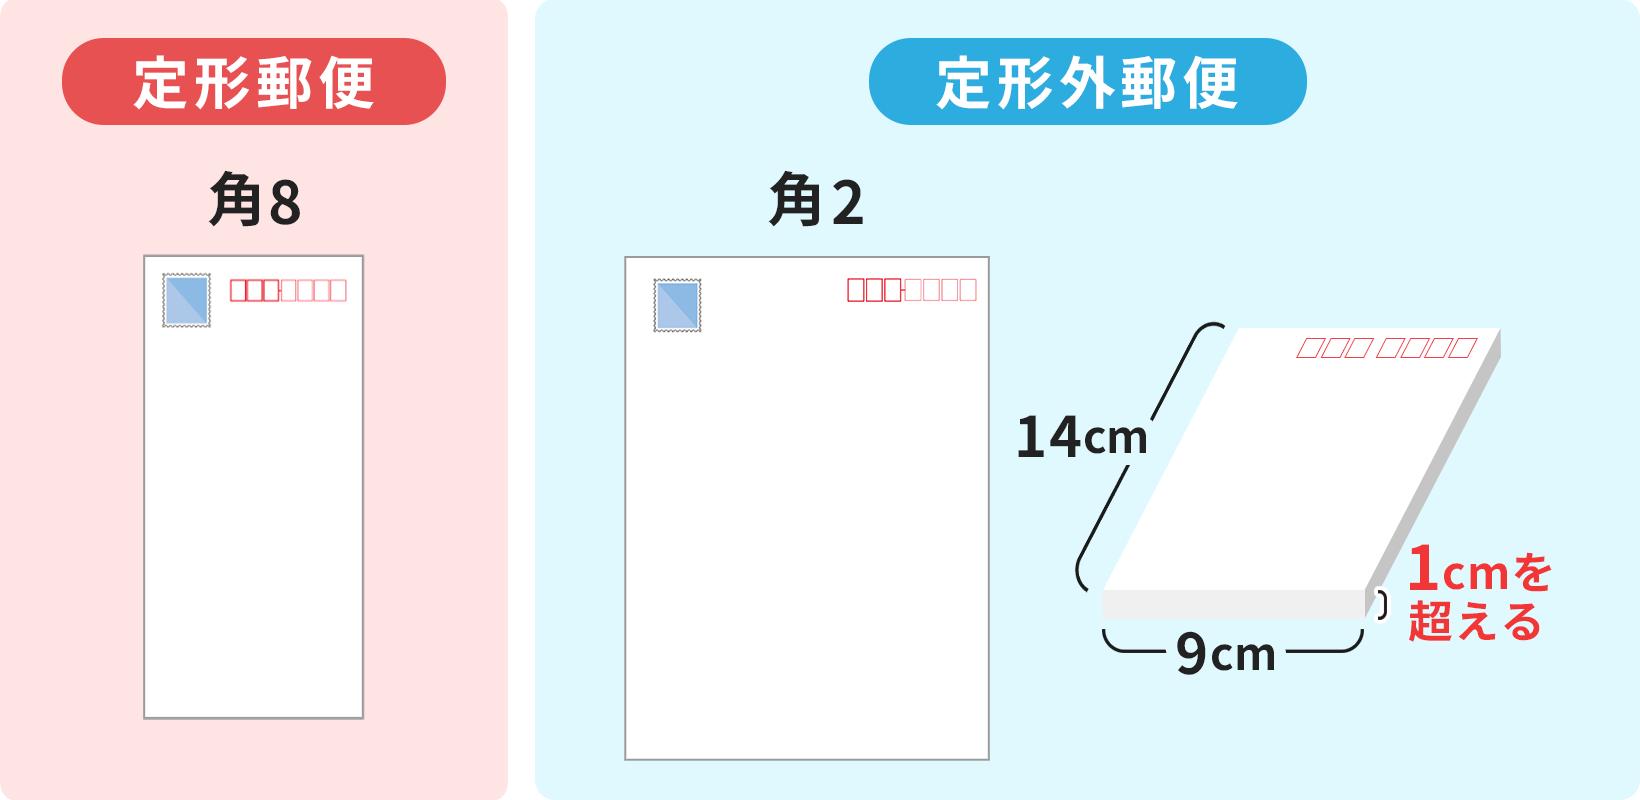 給料袋サイズの封筒は定形郵便、履歴書サイズの封筒は定形外郵便、14cm×9cmサイズの封筒でも厚さが1cmを超えると定形外郵便